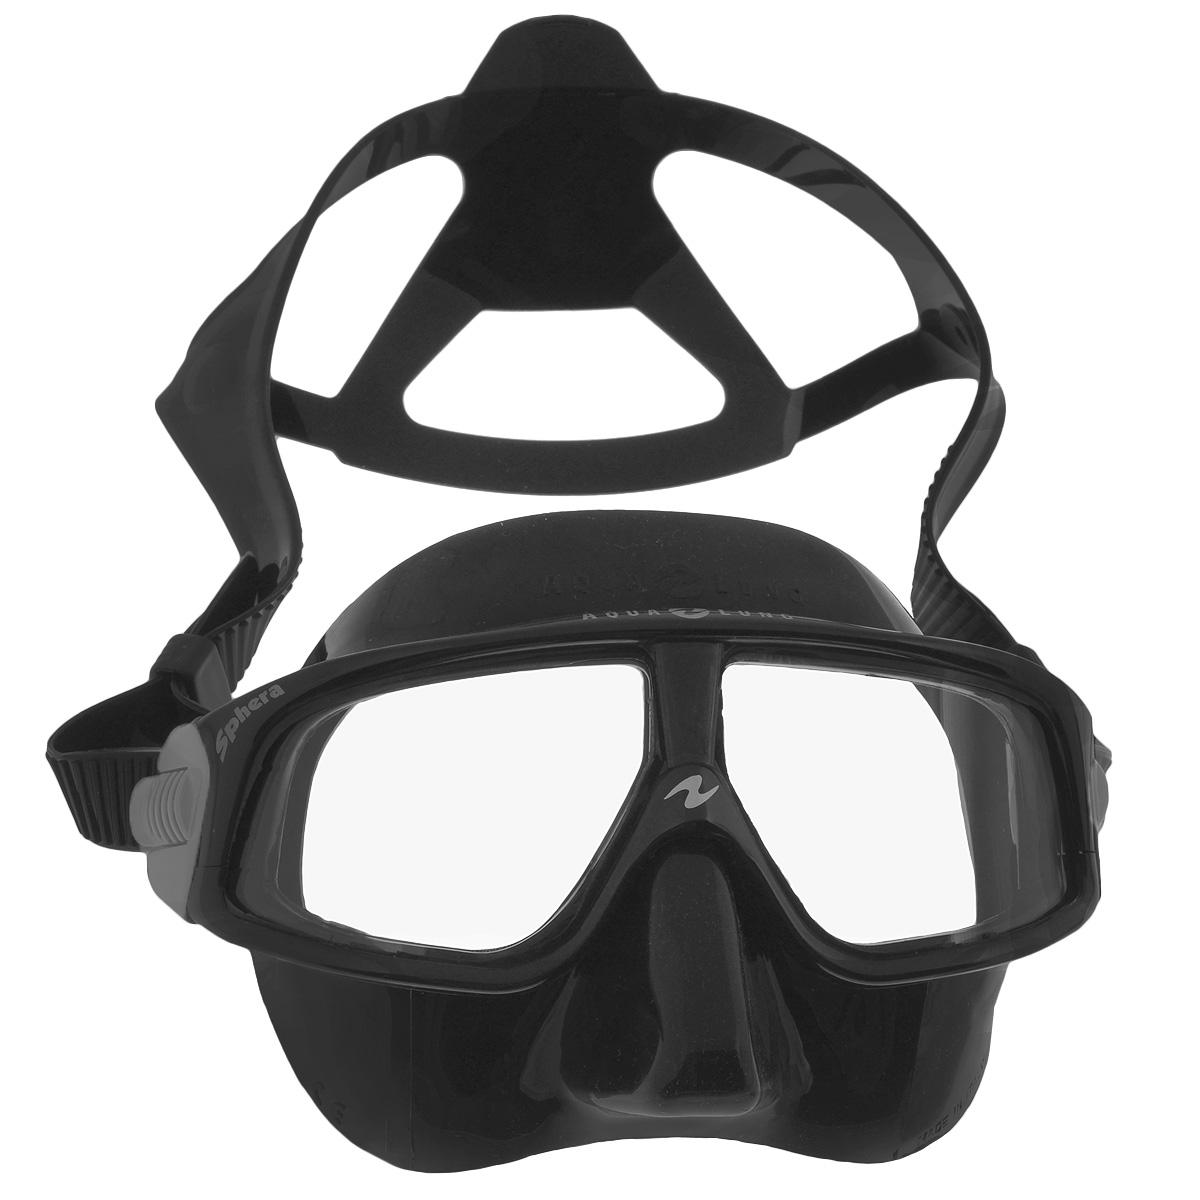 Маска для плавания Aqua Lung, цвет: черныйTN 105010 (105360, 105480)Маска для плавания Aqua Lung сочетает в себе уникальные свойства в результате применения особых материалов и технологий. Новый материал Plexisol позволил создать линзы, не дающие искажений пропорций и размеров объектов под водой, и обеспечивающие максимальный обзор в 180°.Особенности маски:Plexisol в 10 раз легче воды и при этом очень прочен, поэтому эта маска самая легкая в мире (98 г);Линзы изготовлены из плексисола, обеспечивающего видимость реального расстояния под водой; Внешняя сторона линз имеет защитное покрытие от царапин, а внутренняя обработана антизапотевателем; Обзор 180° без каких-либо искажений; Самое маленькое подмасочное пространство среди имеющихся на рынке масок; Малый вес - 98 г, (вес средней маски - 200 г); Анатомический фланец, изготовленный из гипоаллергенного медицинского силикона; Быстро регулируемые пряжки.Материал: силикон, plexisol.